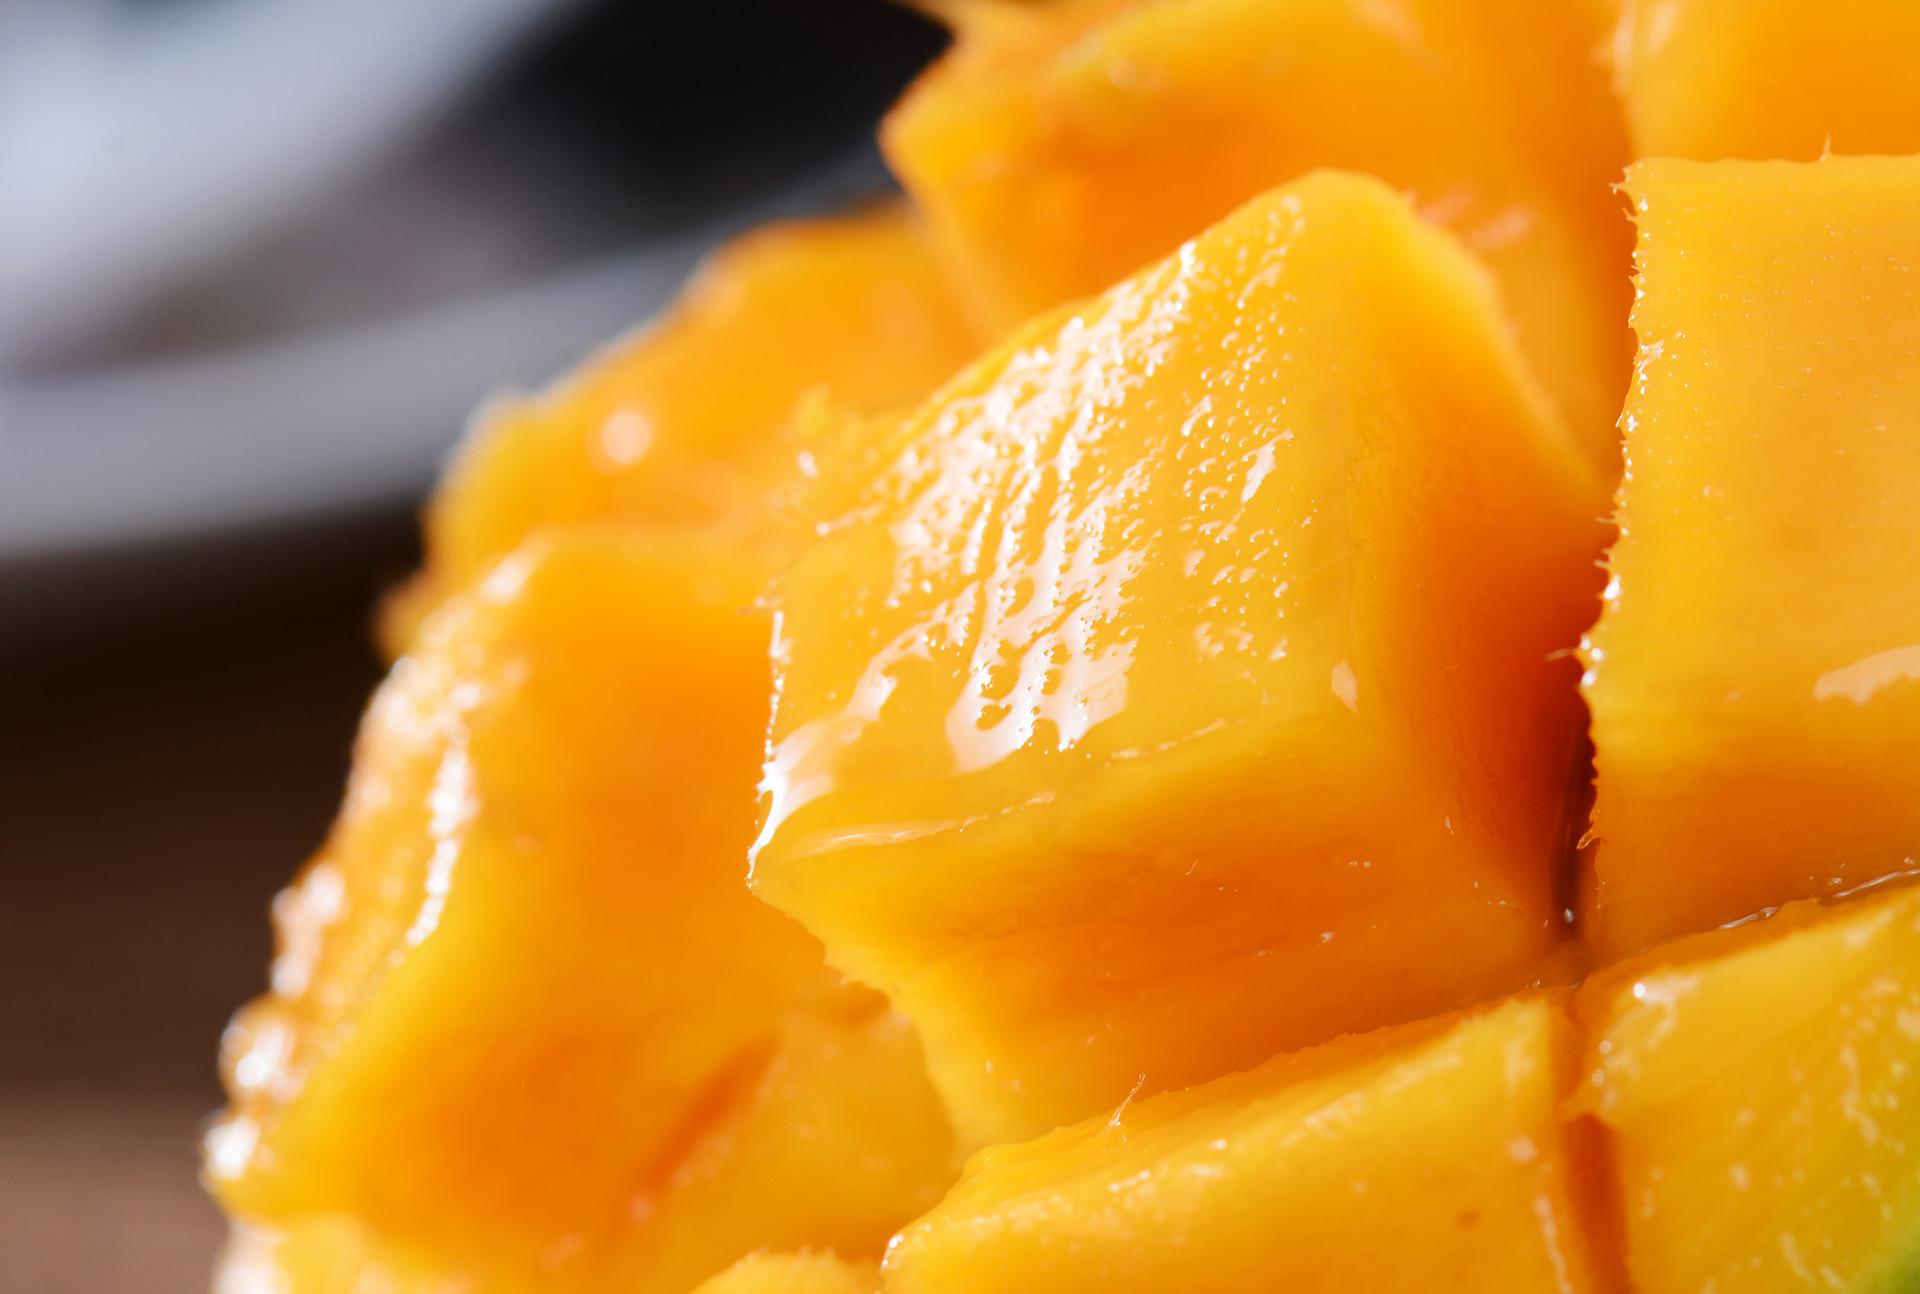 孕妇能吃芒果吗 孕妇吃芒果有这三种好处 - 孕产妇 - 民福康...